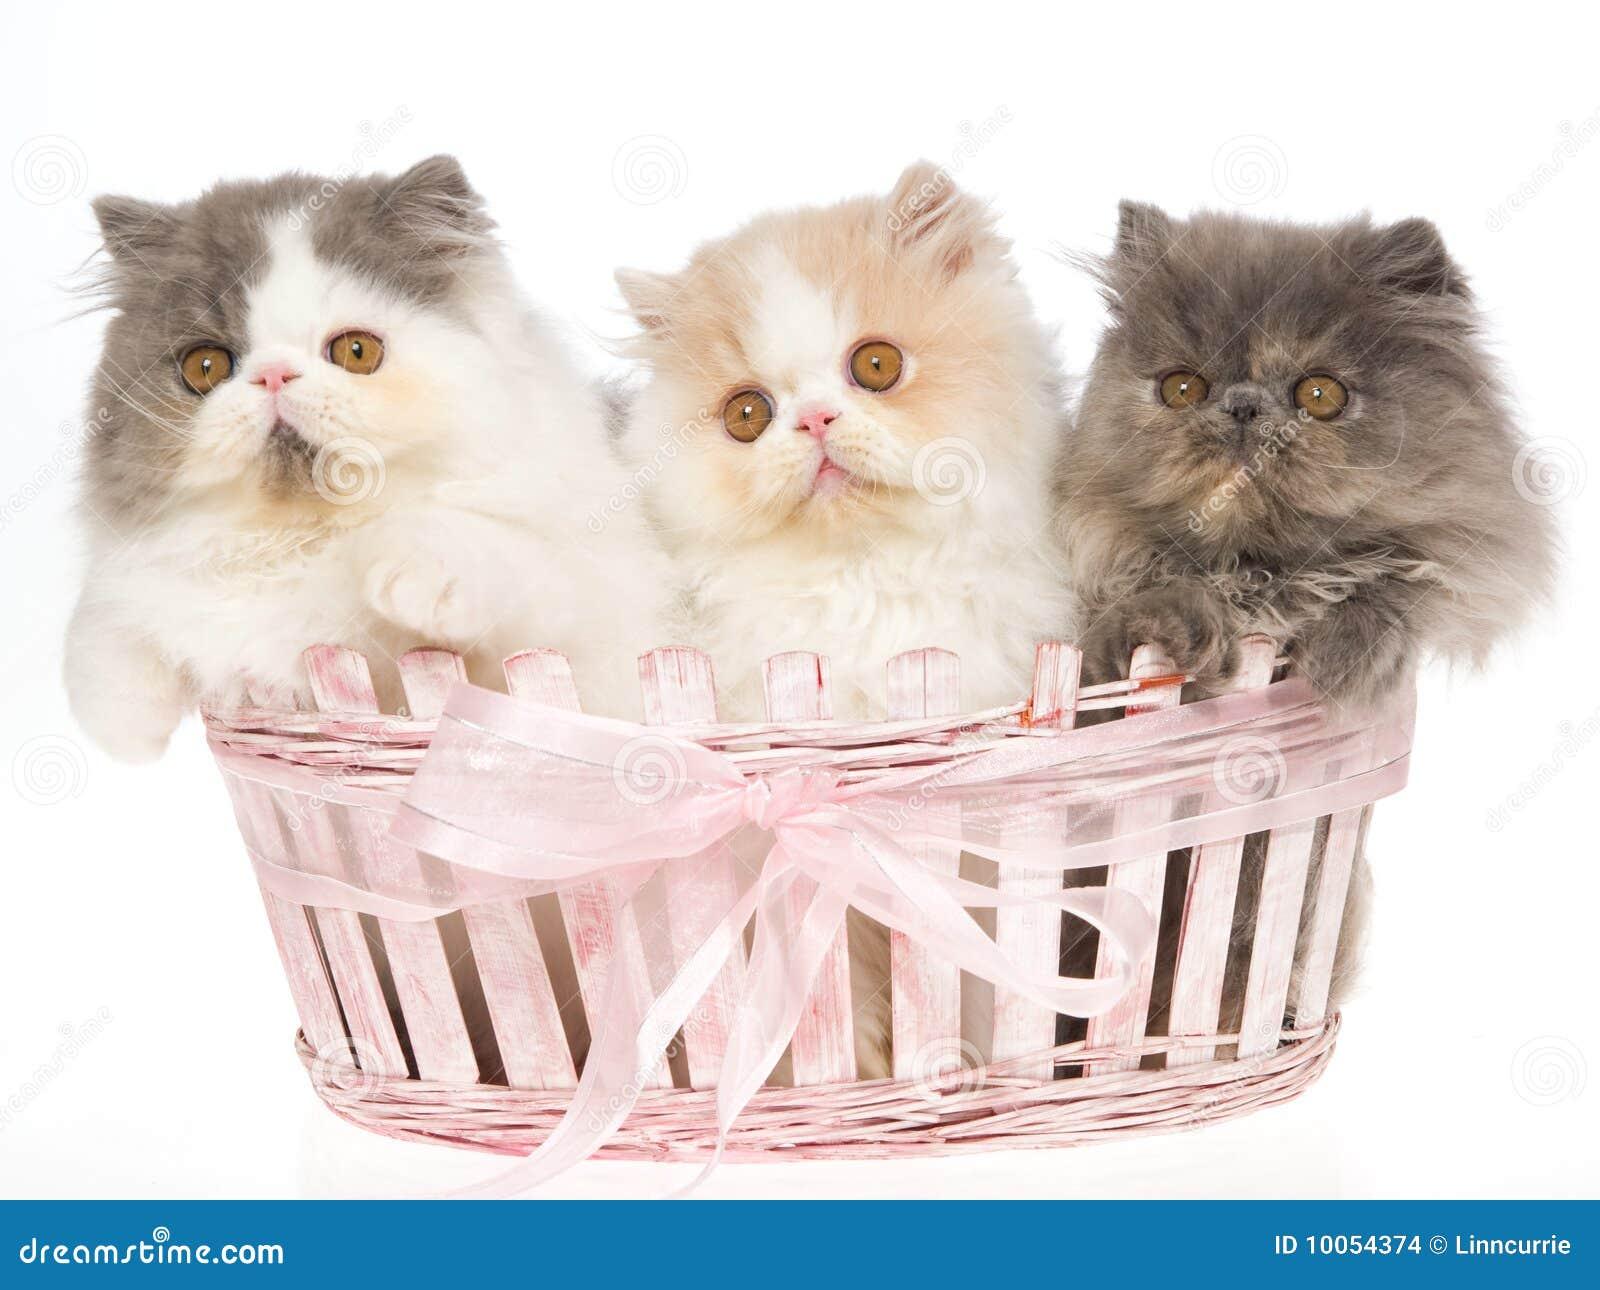 Nomes para gatos (www.tuta.com/gatinhos)